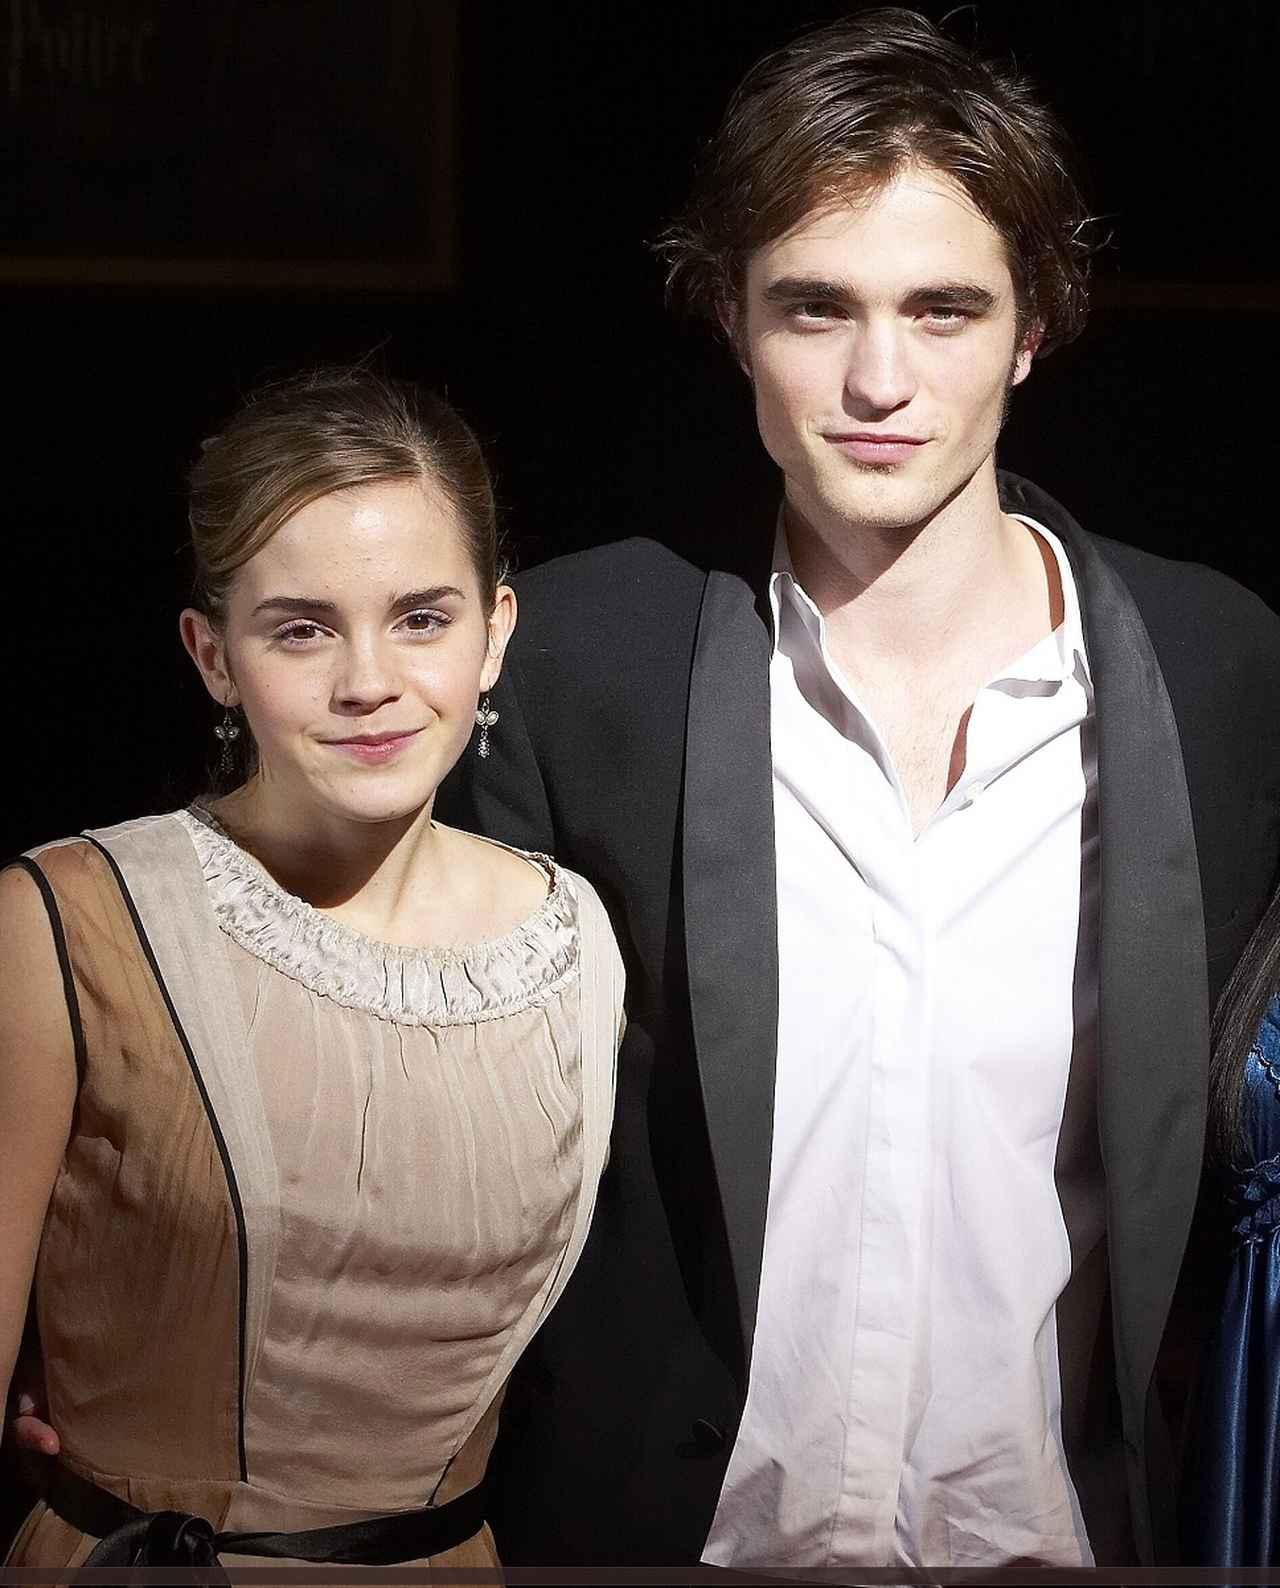 画像: 2005年のジャパン・プレミアでのエマとロバート。当時エマは15歳、ロバートは18歳だった。